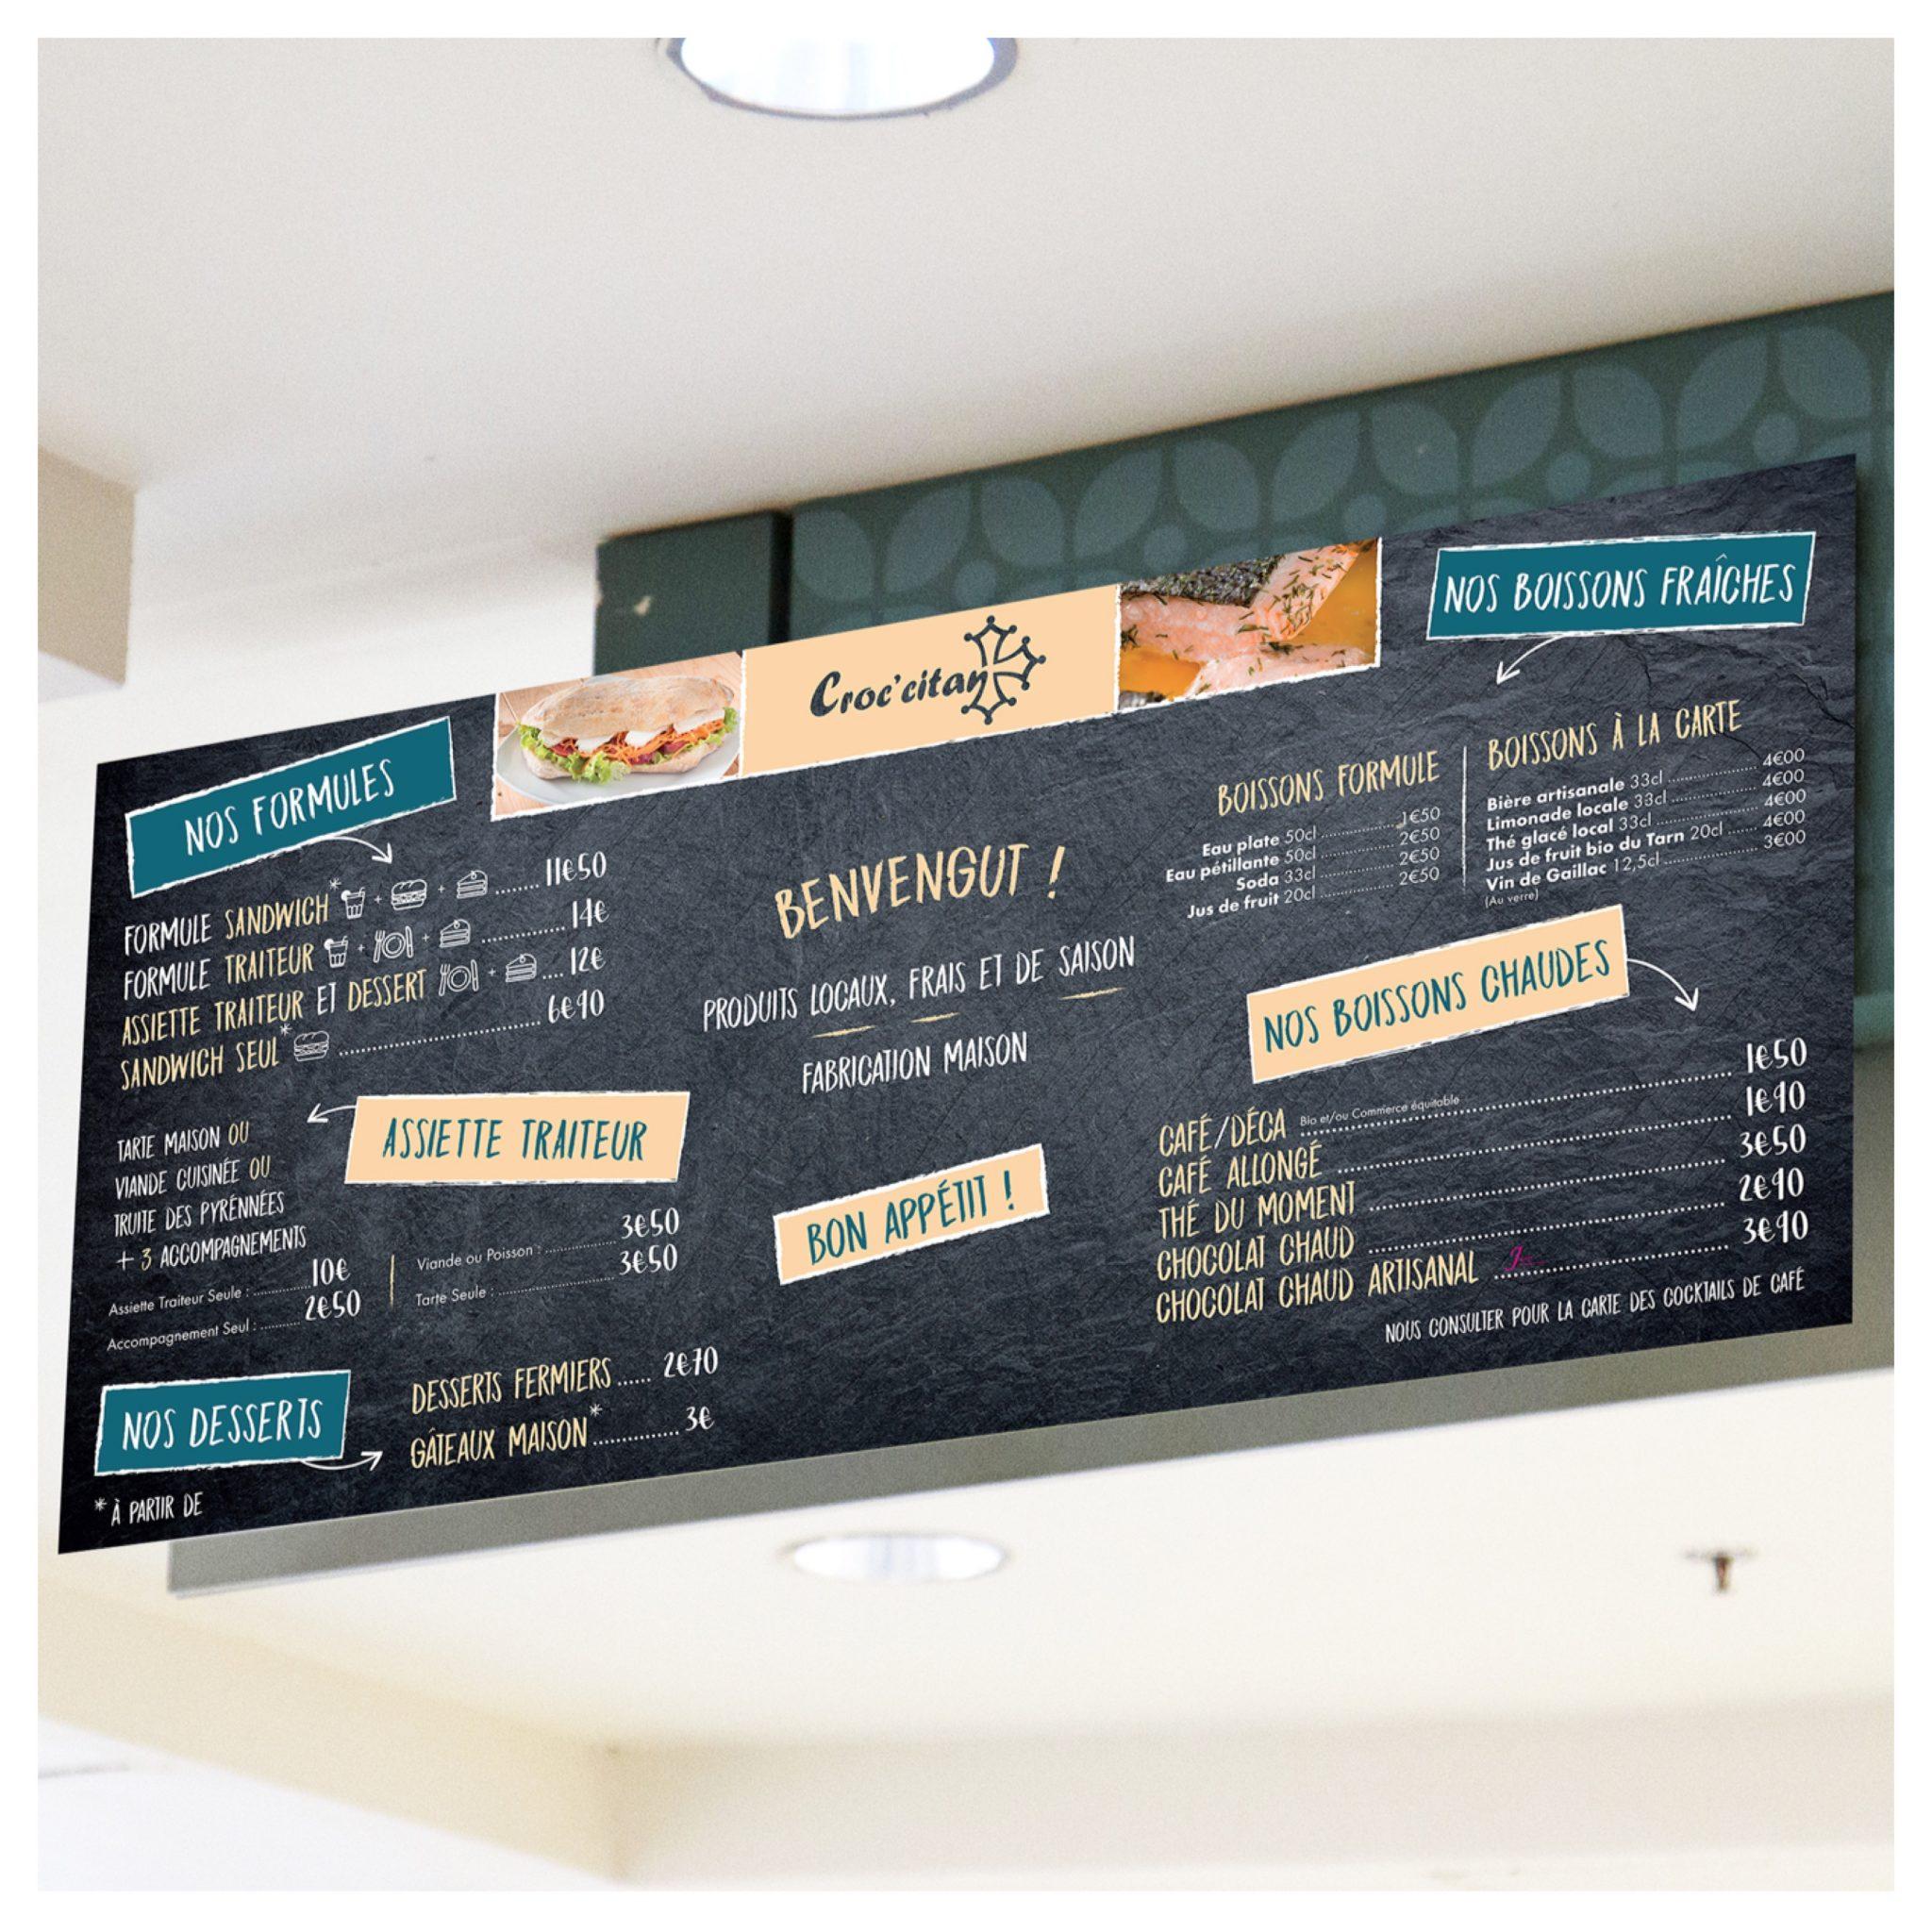 Nouveau panneau menu pour le restaurant rapide Croccitan